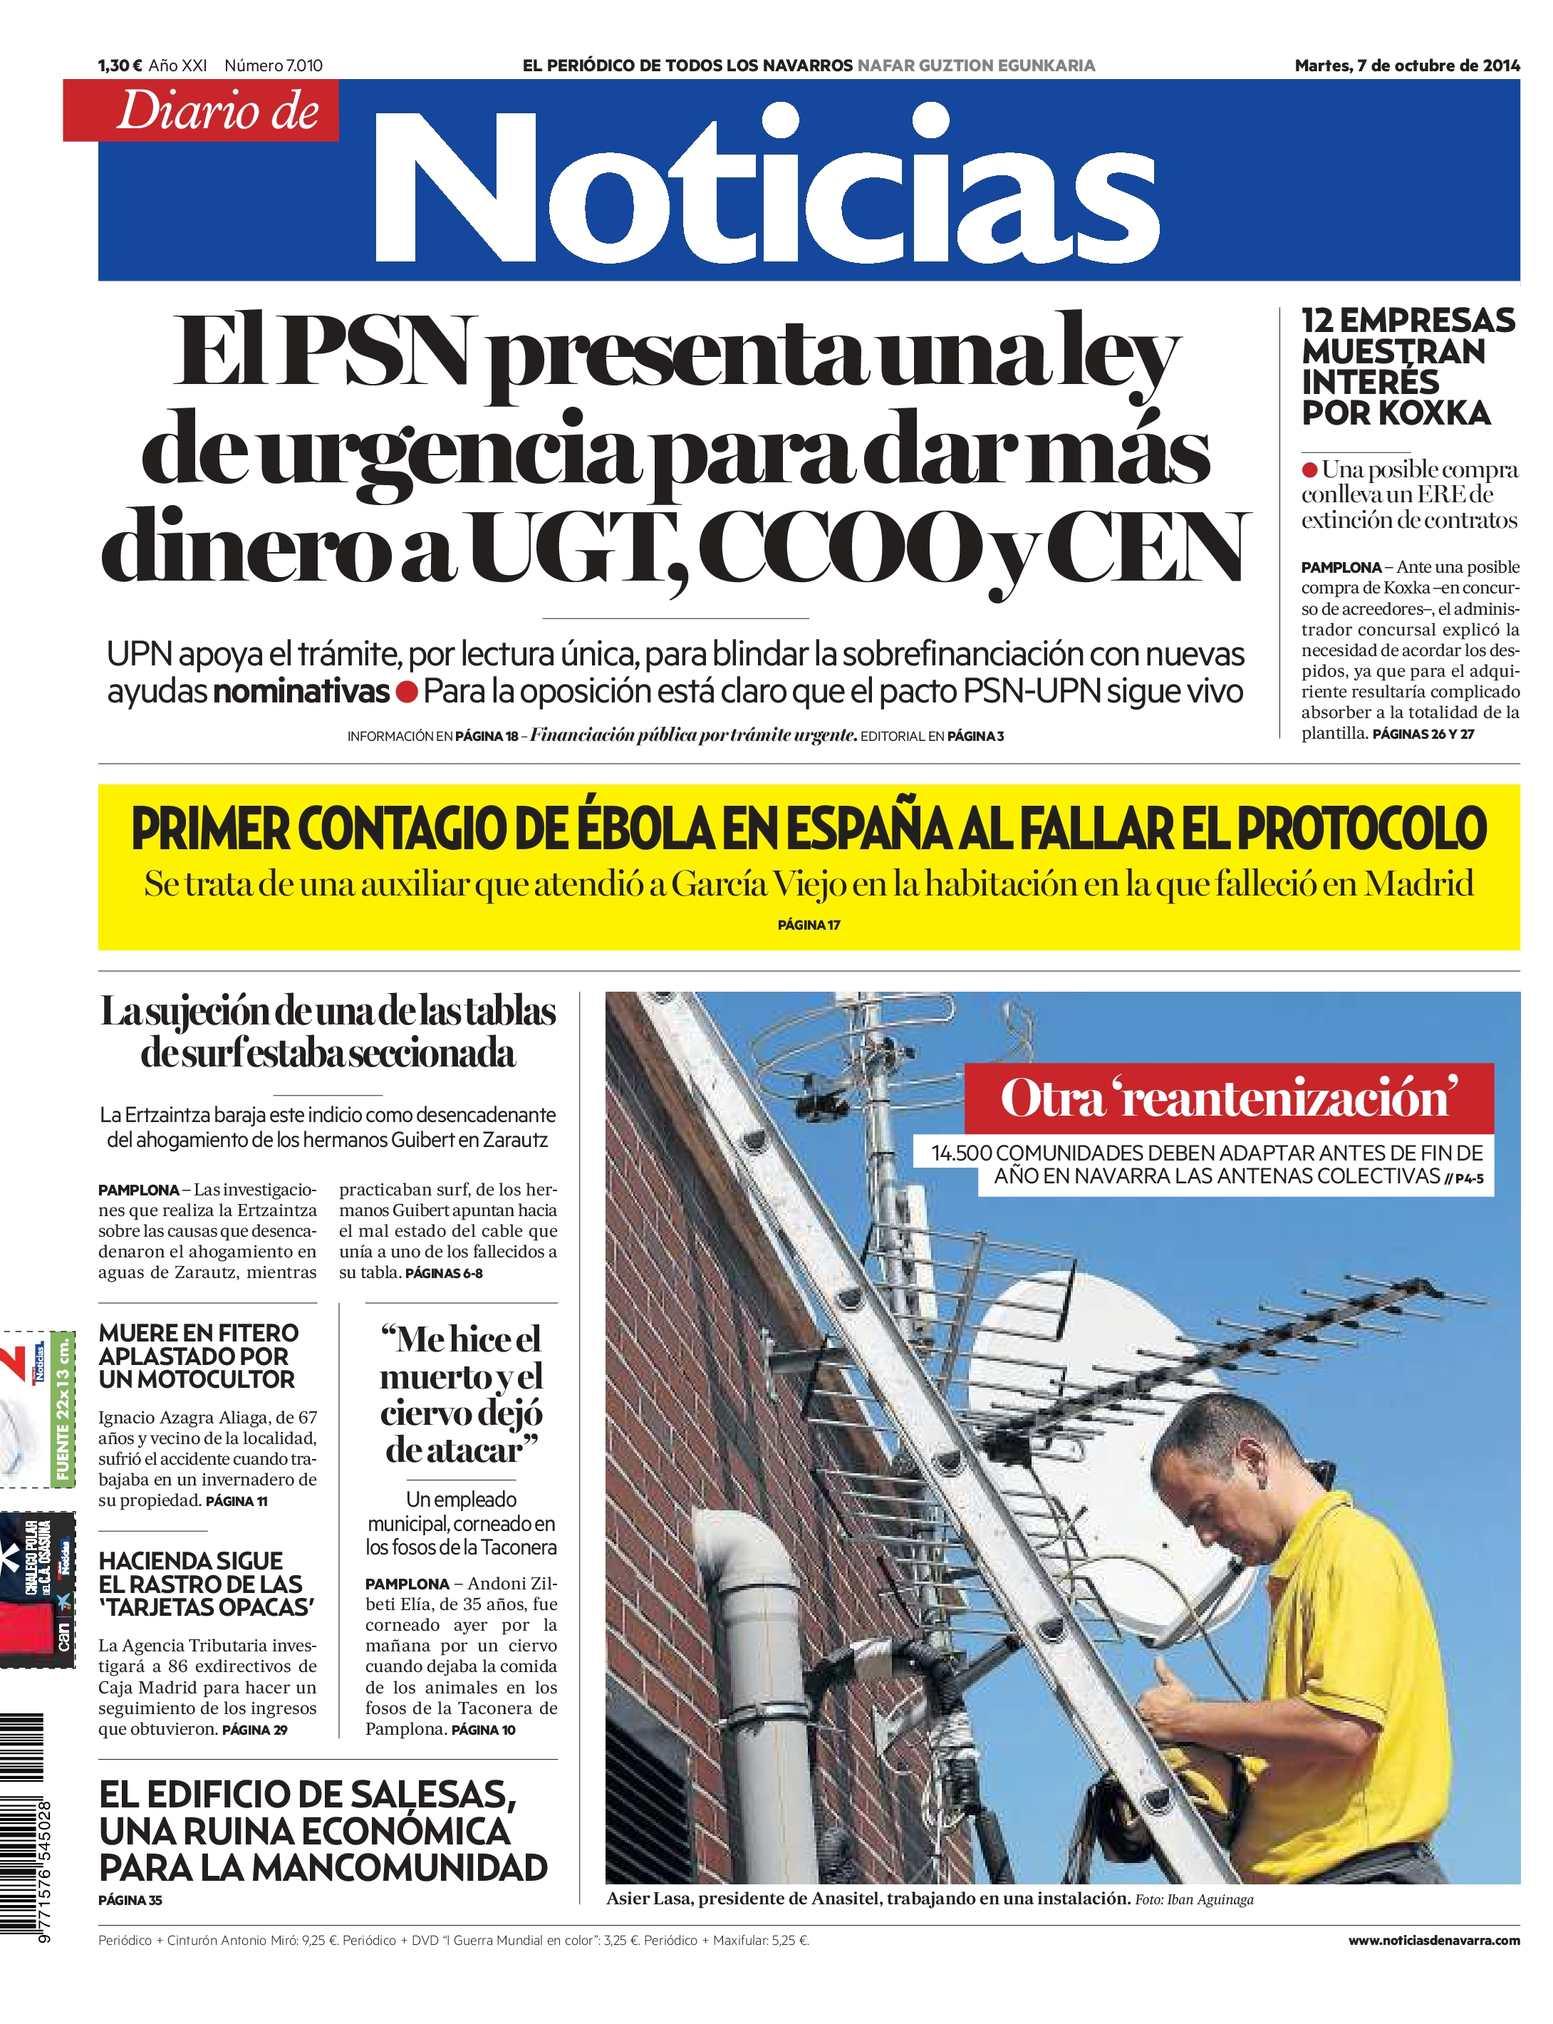 Calaméo - Diario de Noticias 20141007